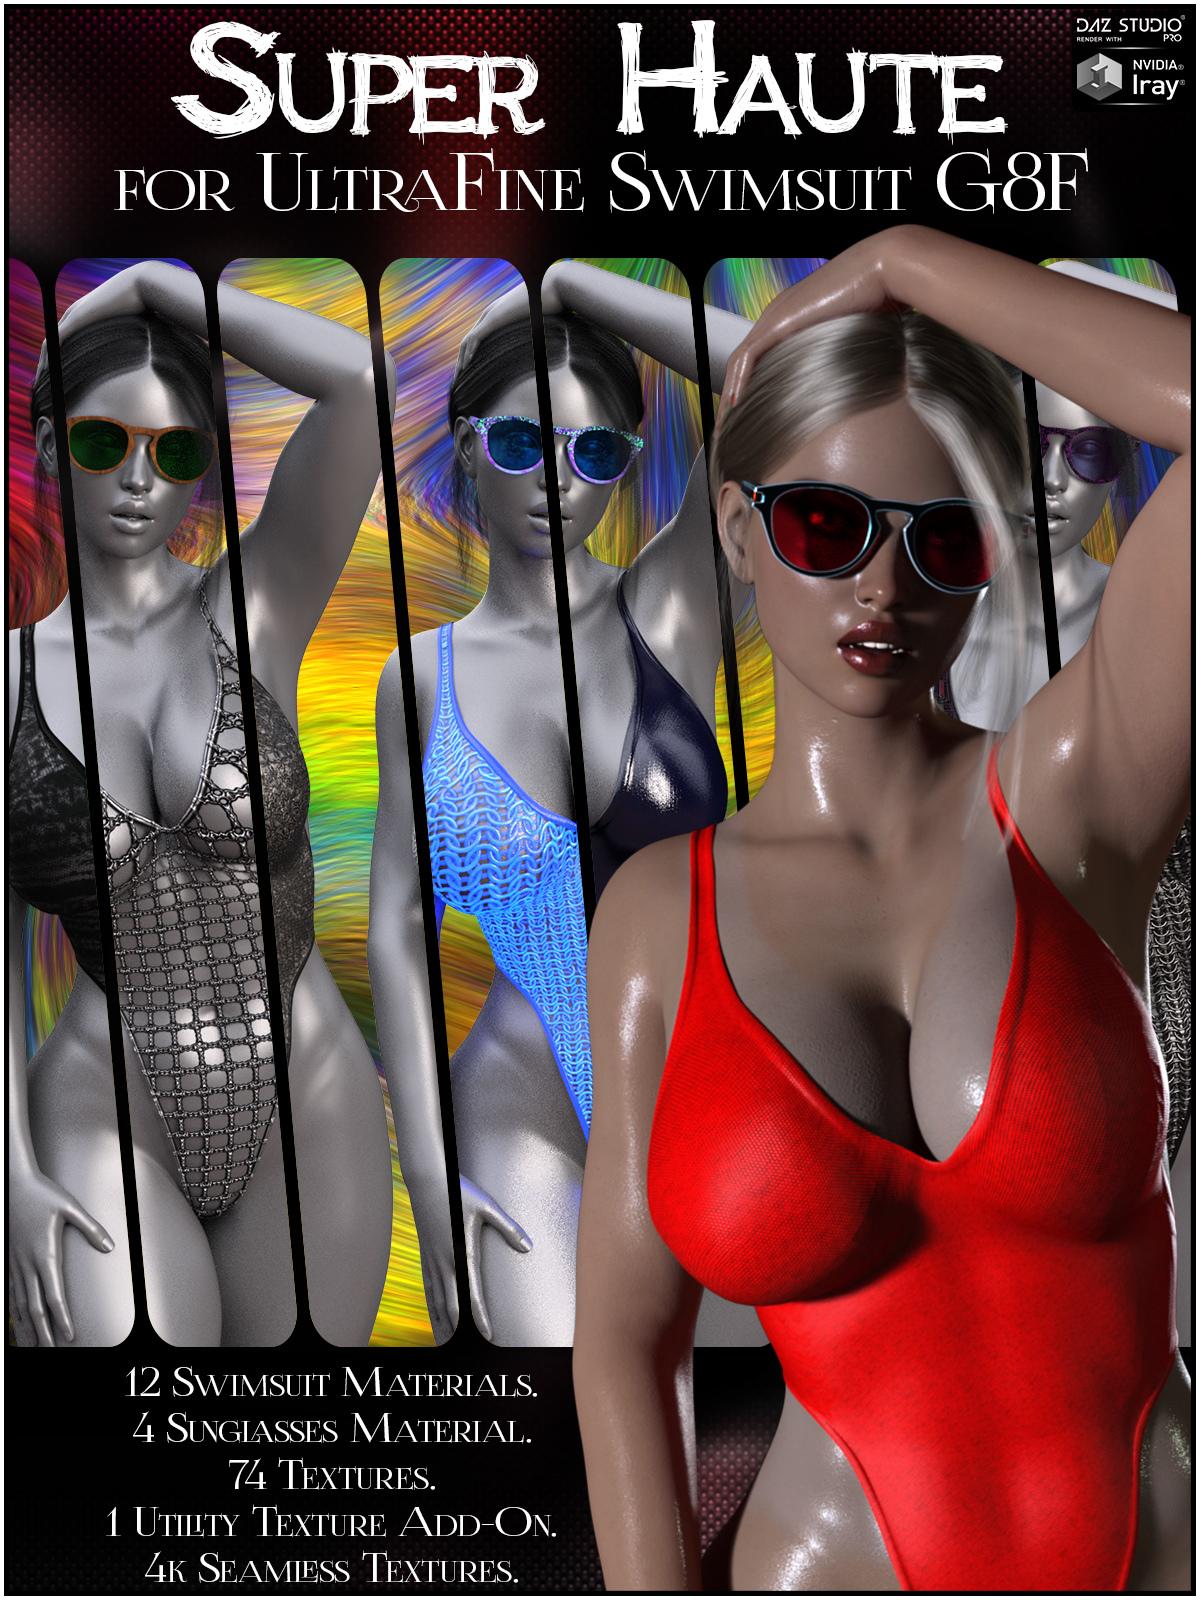 super-haute-for-ultrafine-swimsuit-g8f